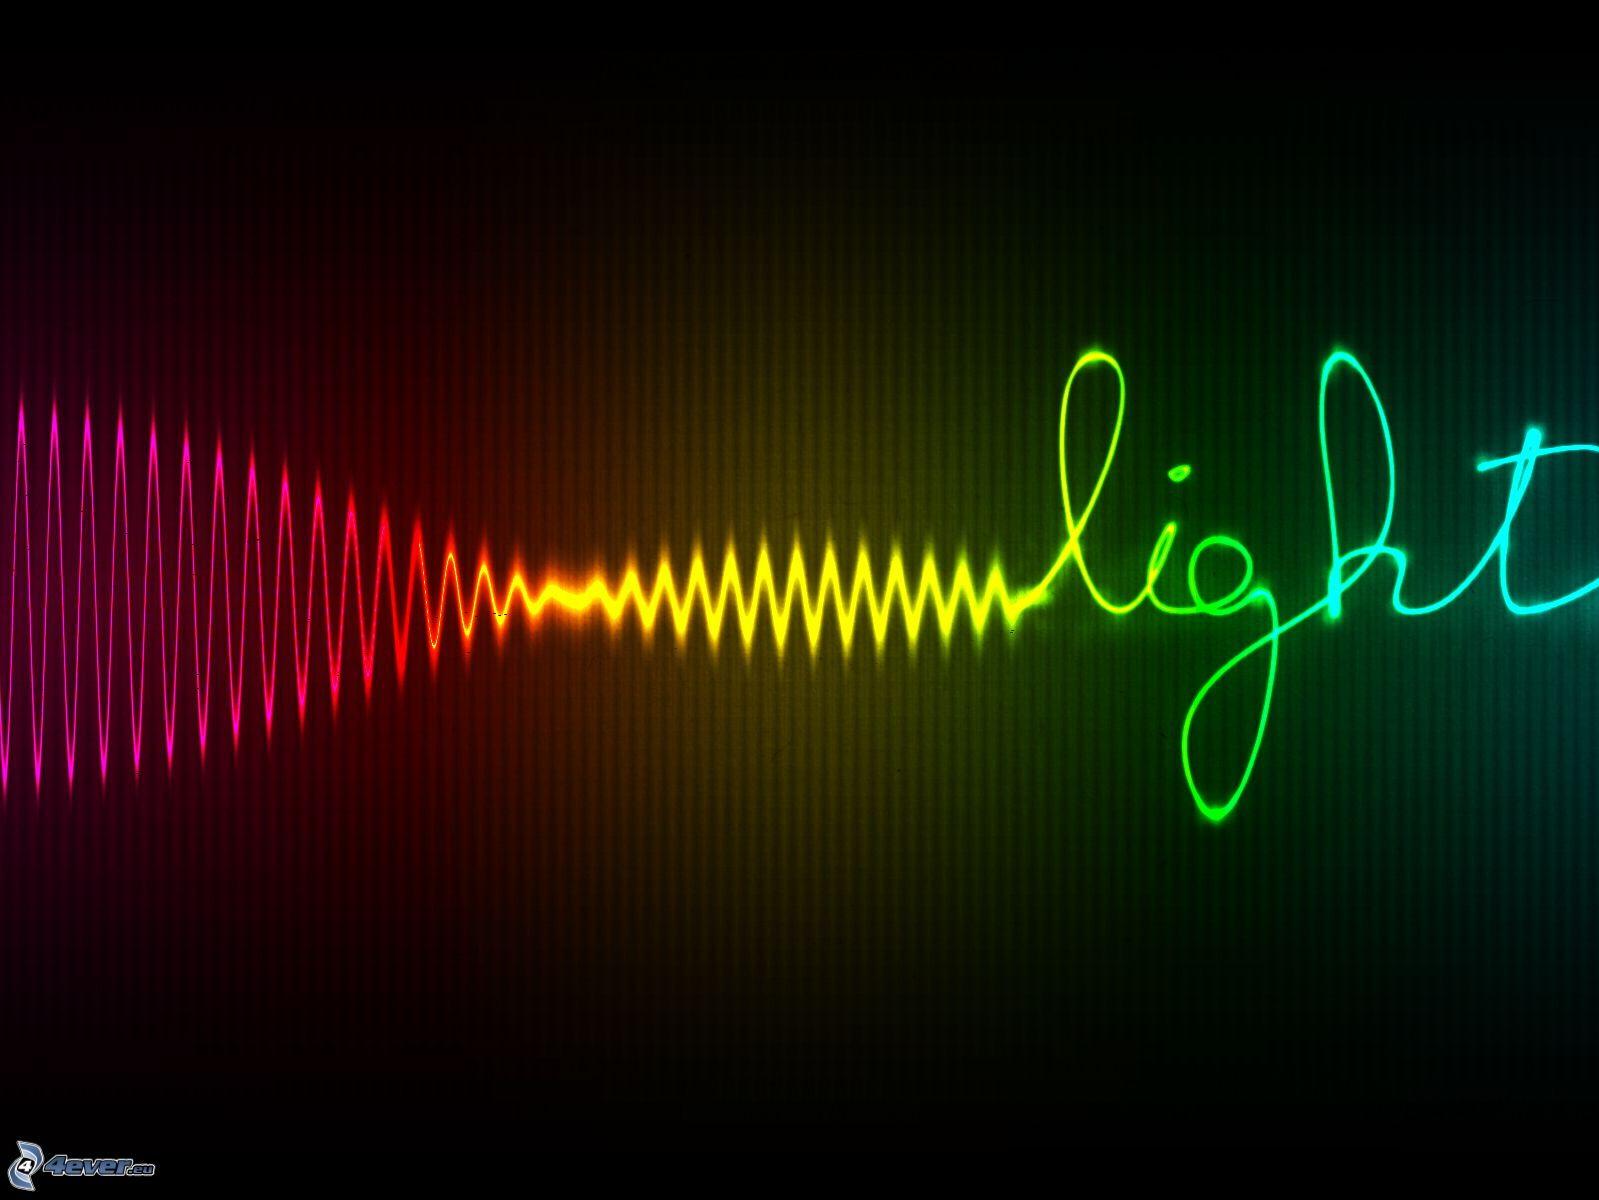 Science Bundle Light Waves